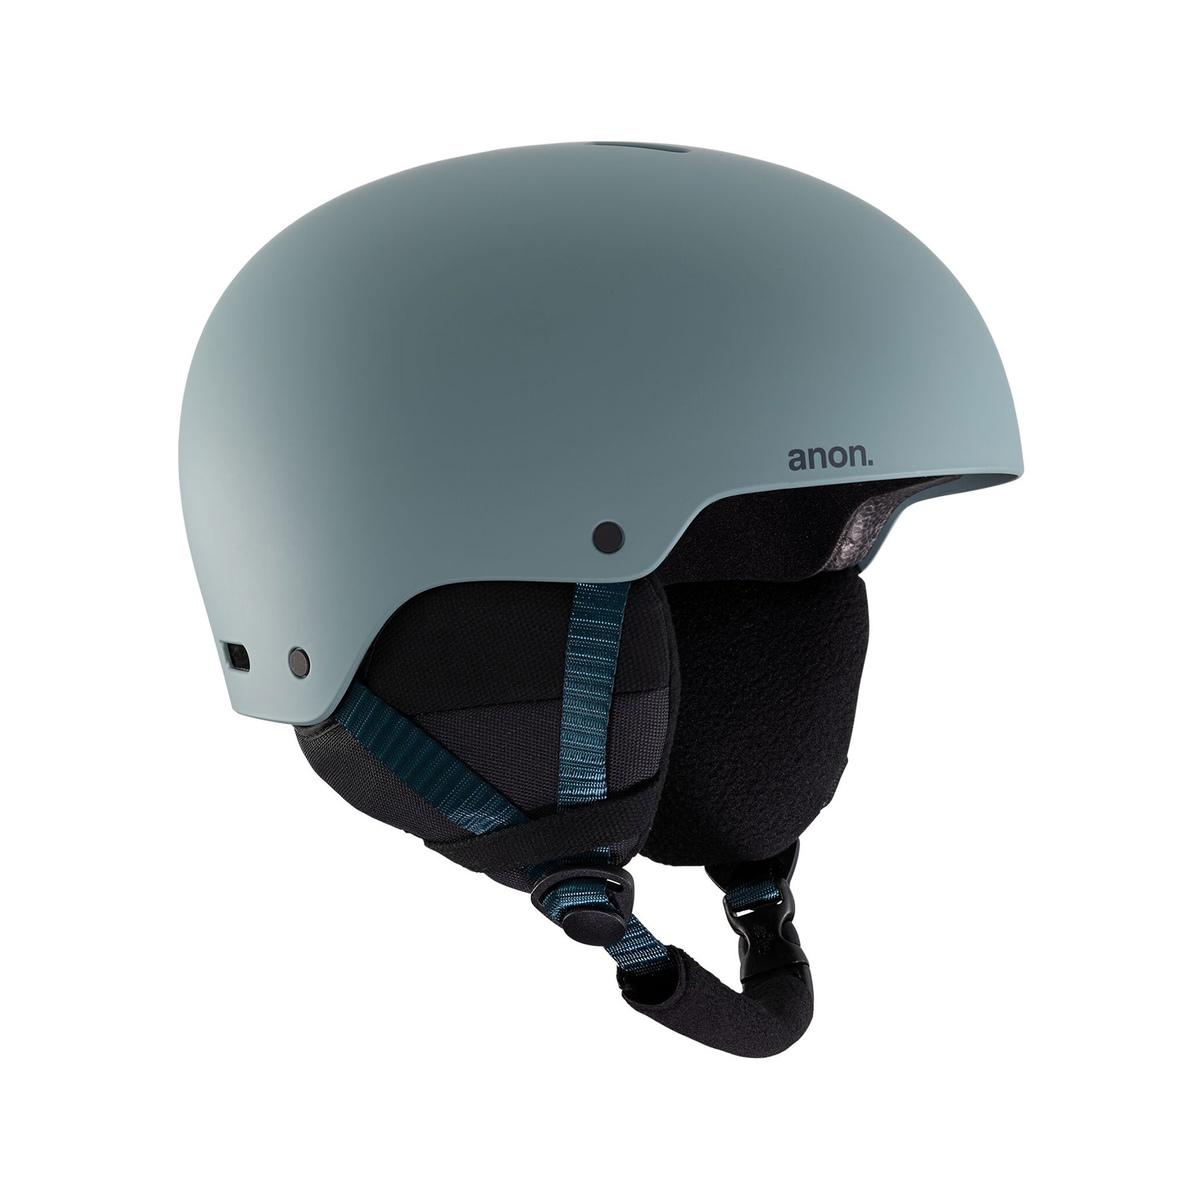 Prezzi Anon casco raider 3